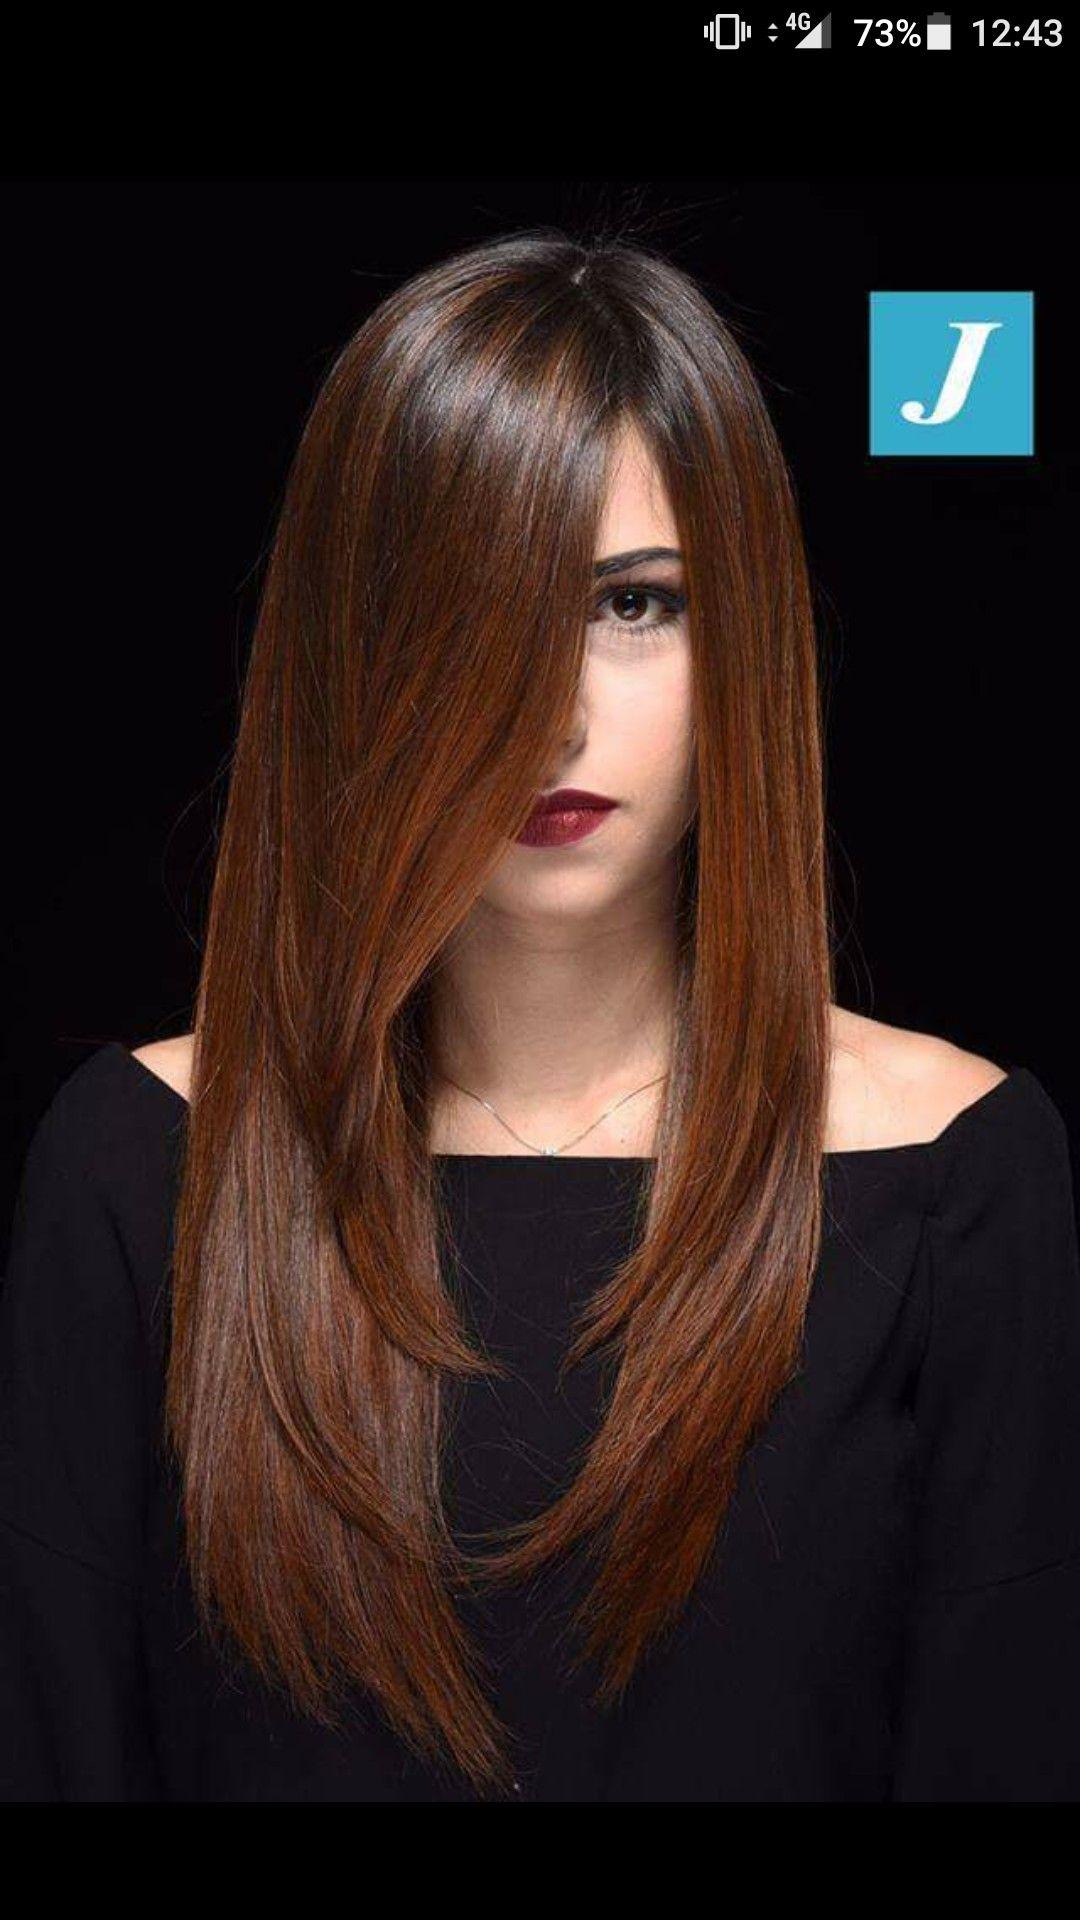 Capelli lunghi | Colori capelli castani, Capelli castani ...